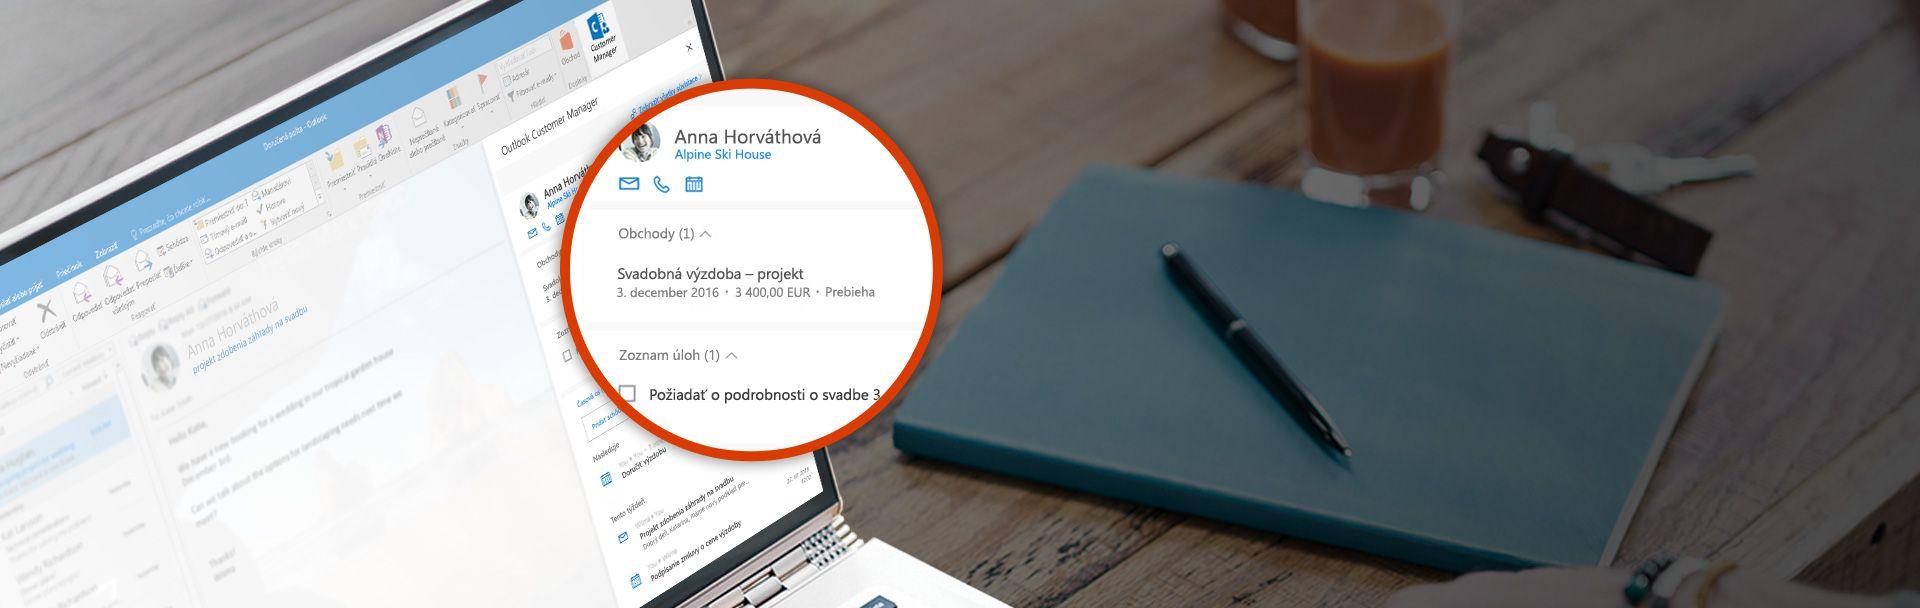 Obrazovka počítača spriblížením sekcií zobrazujúcich informácie ozákazníkoch